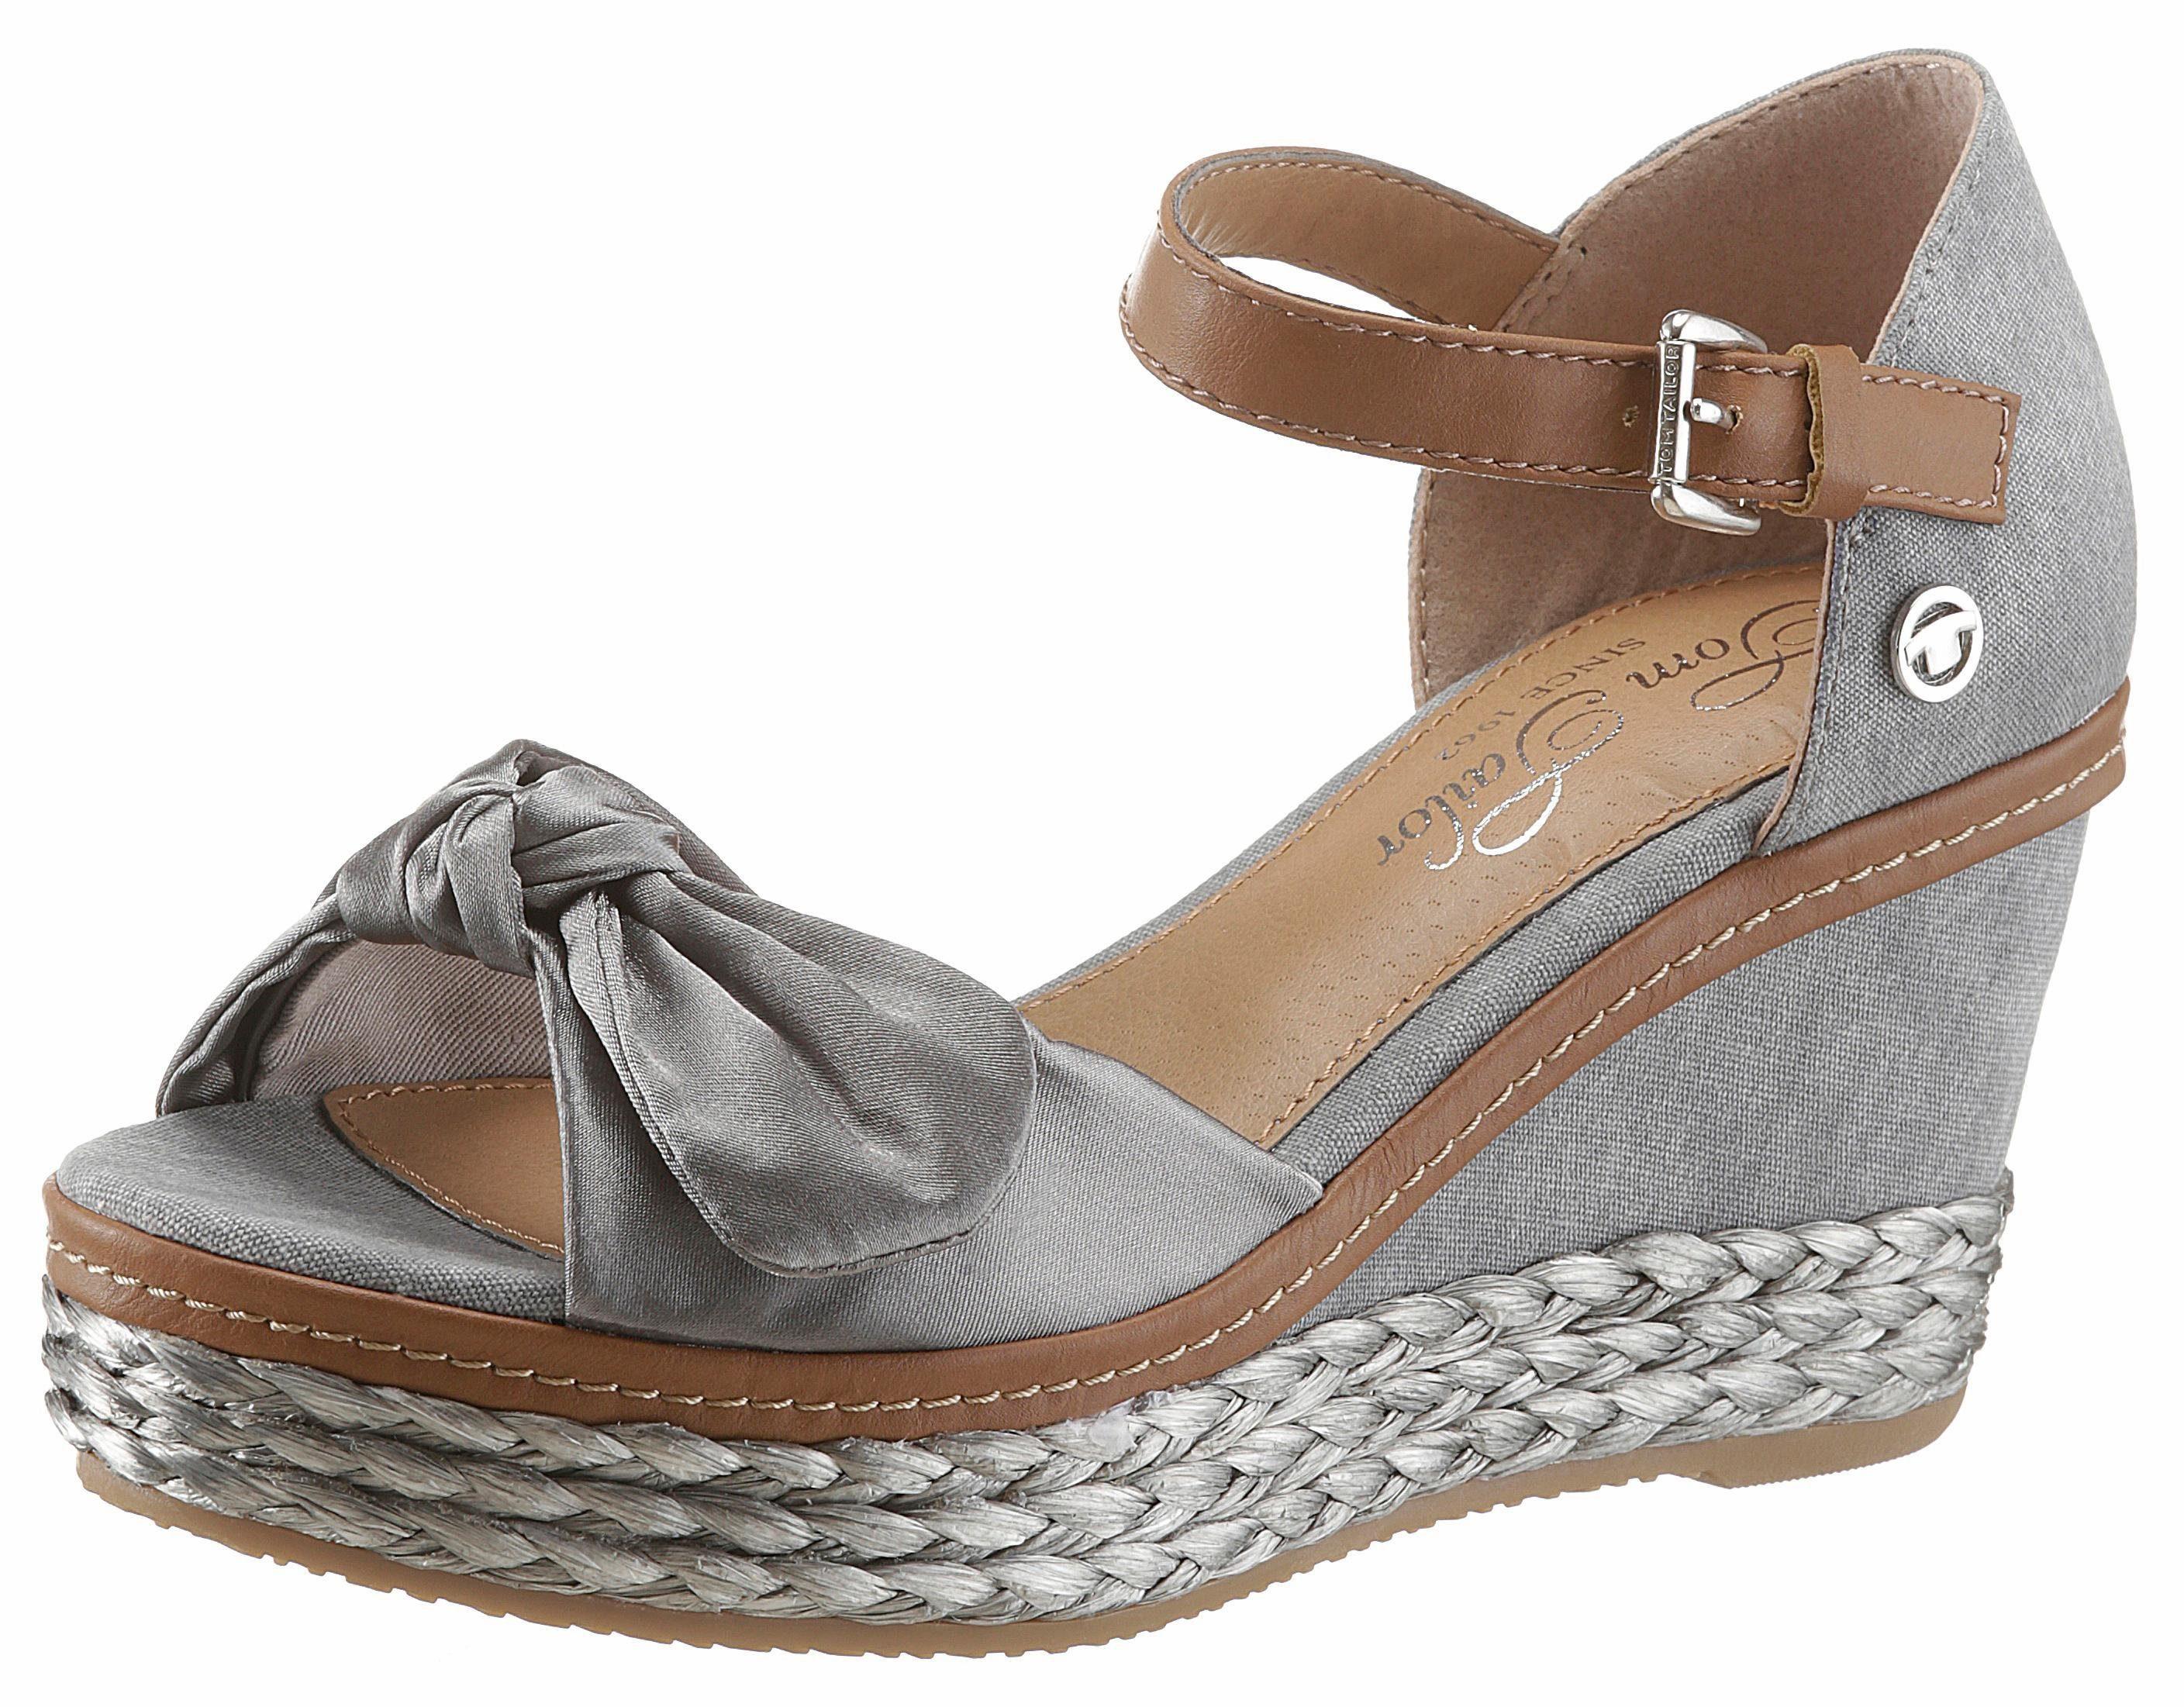 Tom Tailor Sandalette, mit Zierschleife in Satinoptik online kaufen  grau-braun